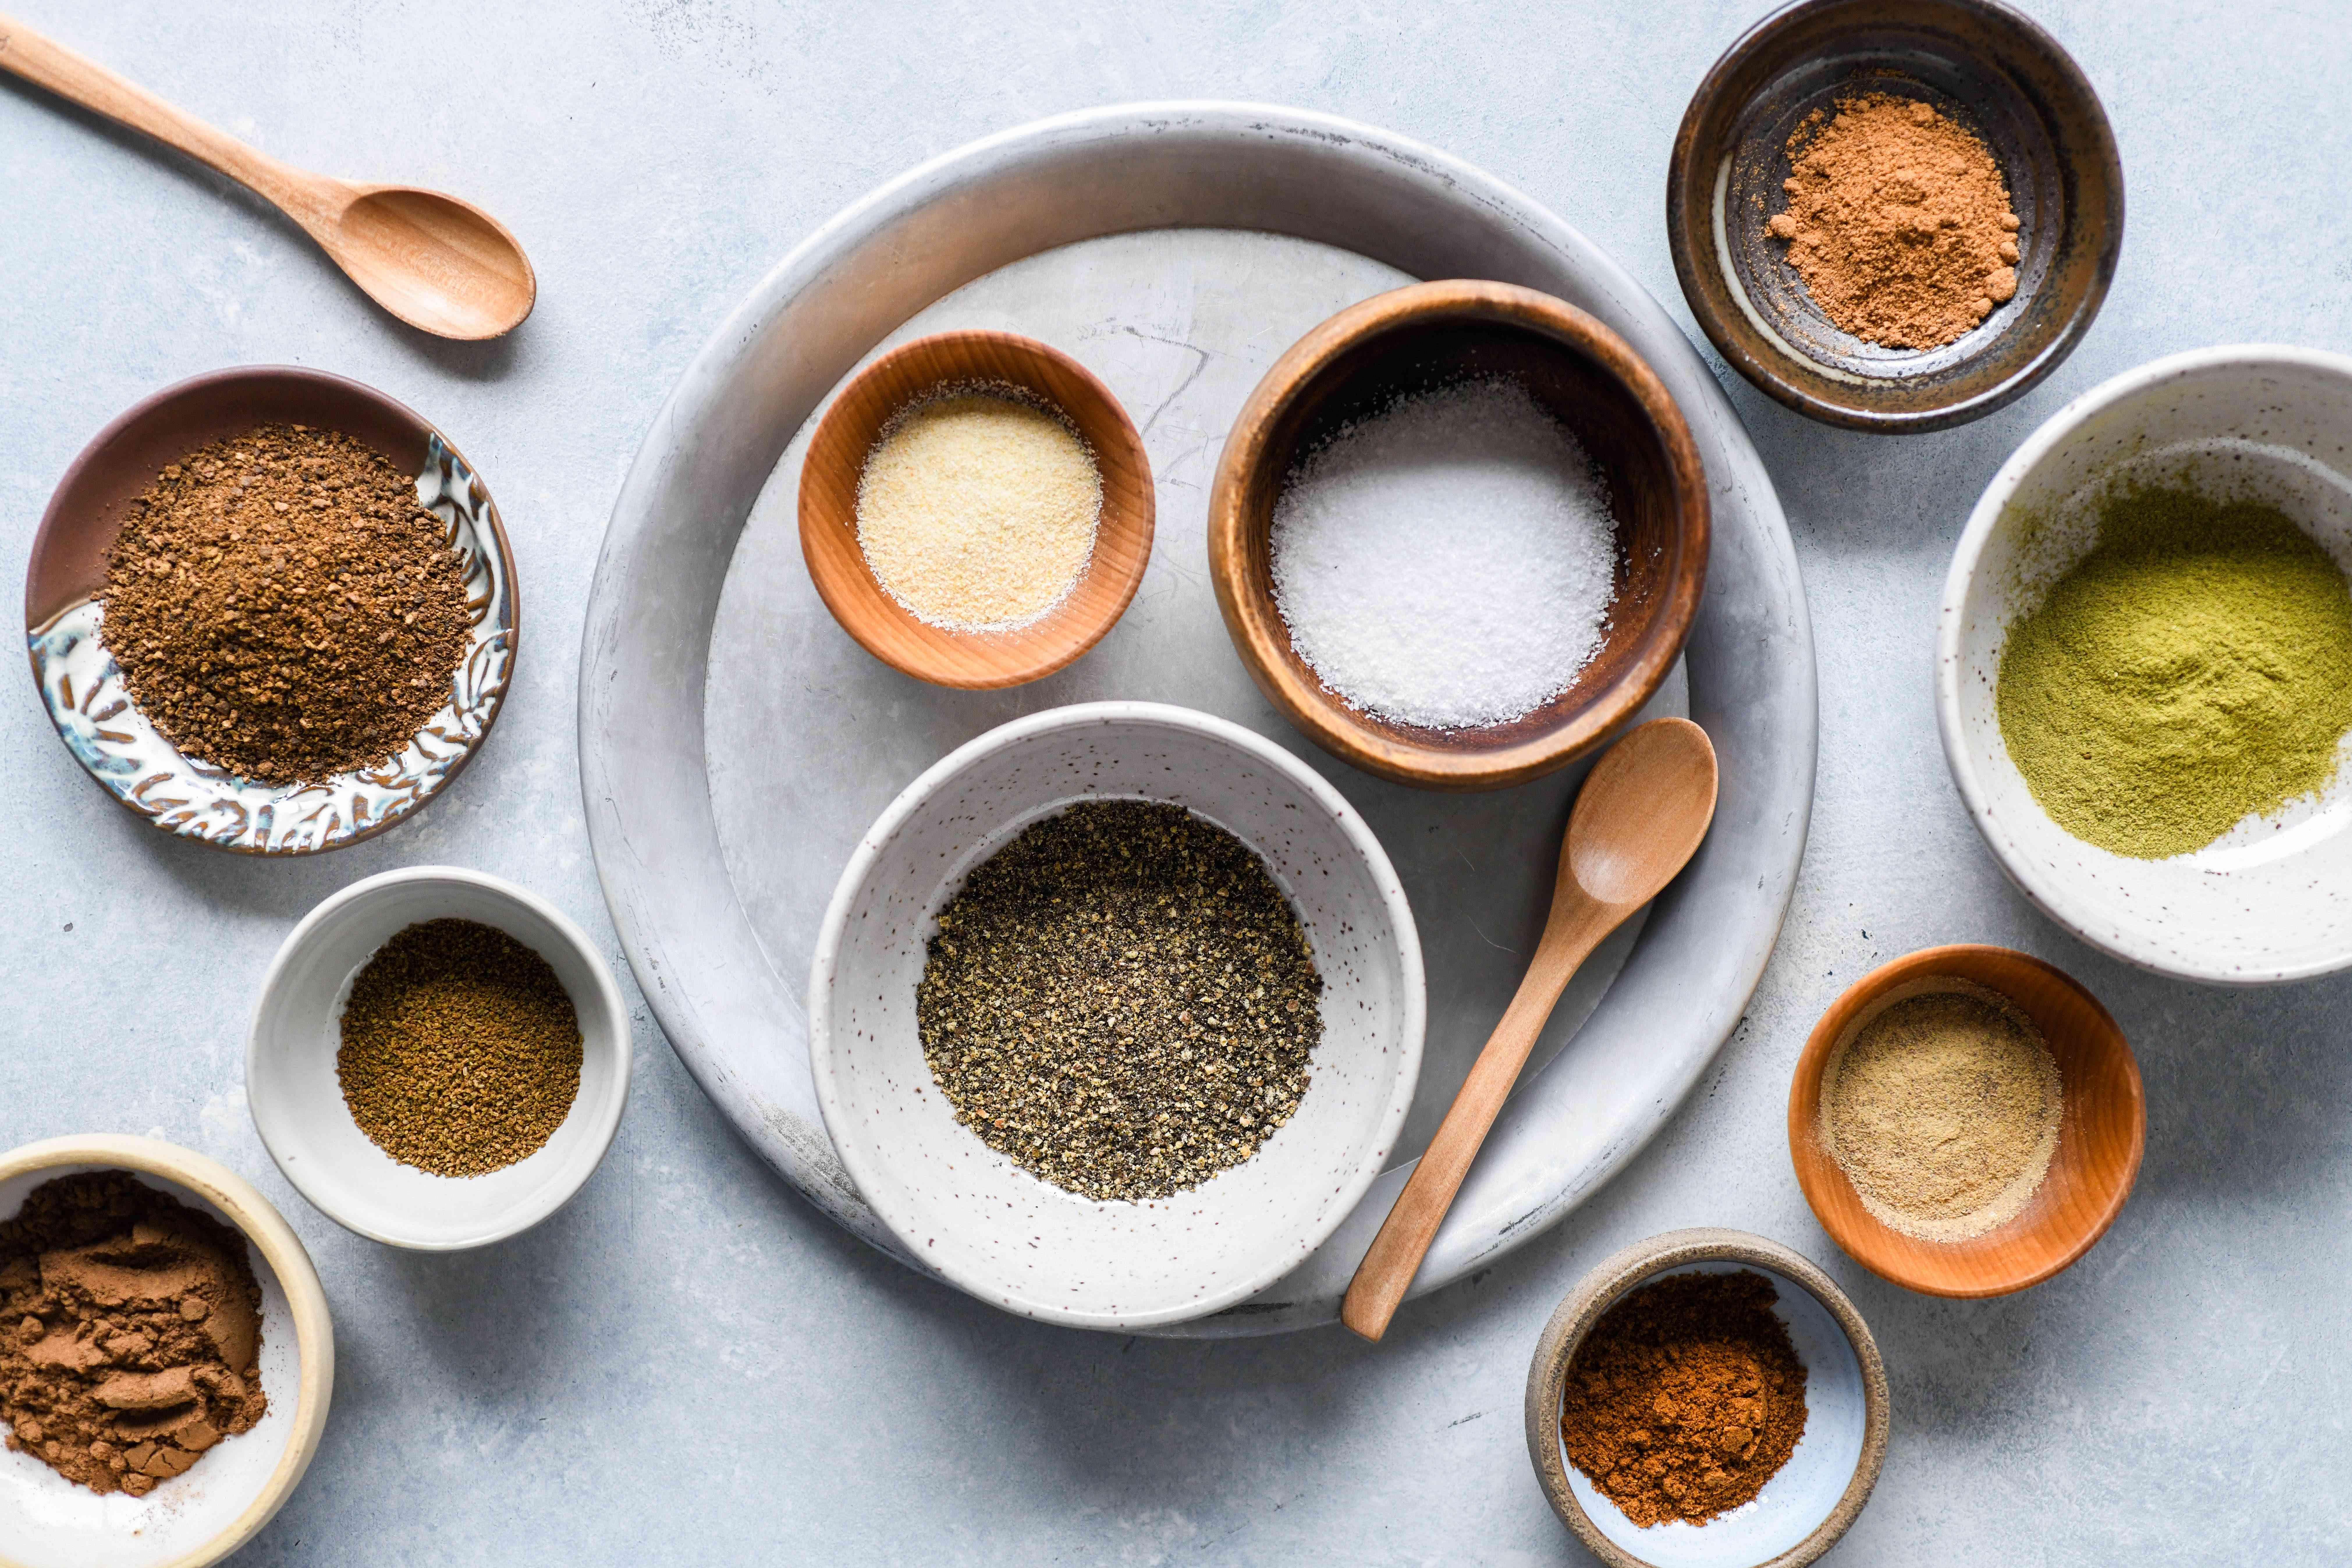 Beau monde seasoning mix ingredients